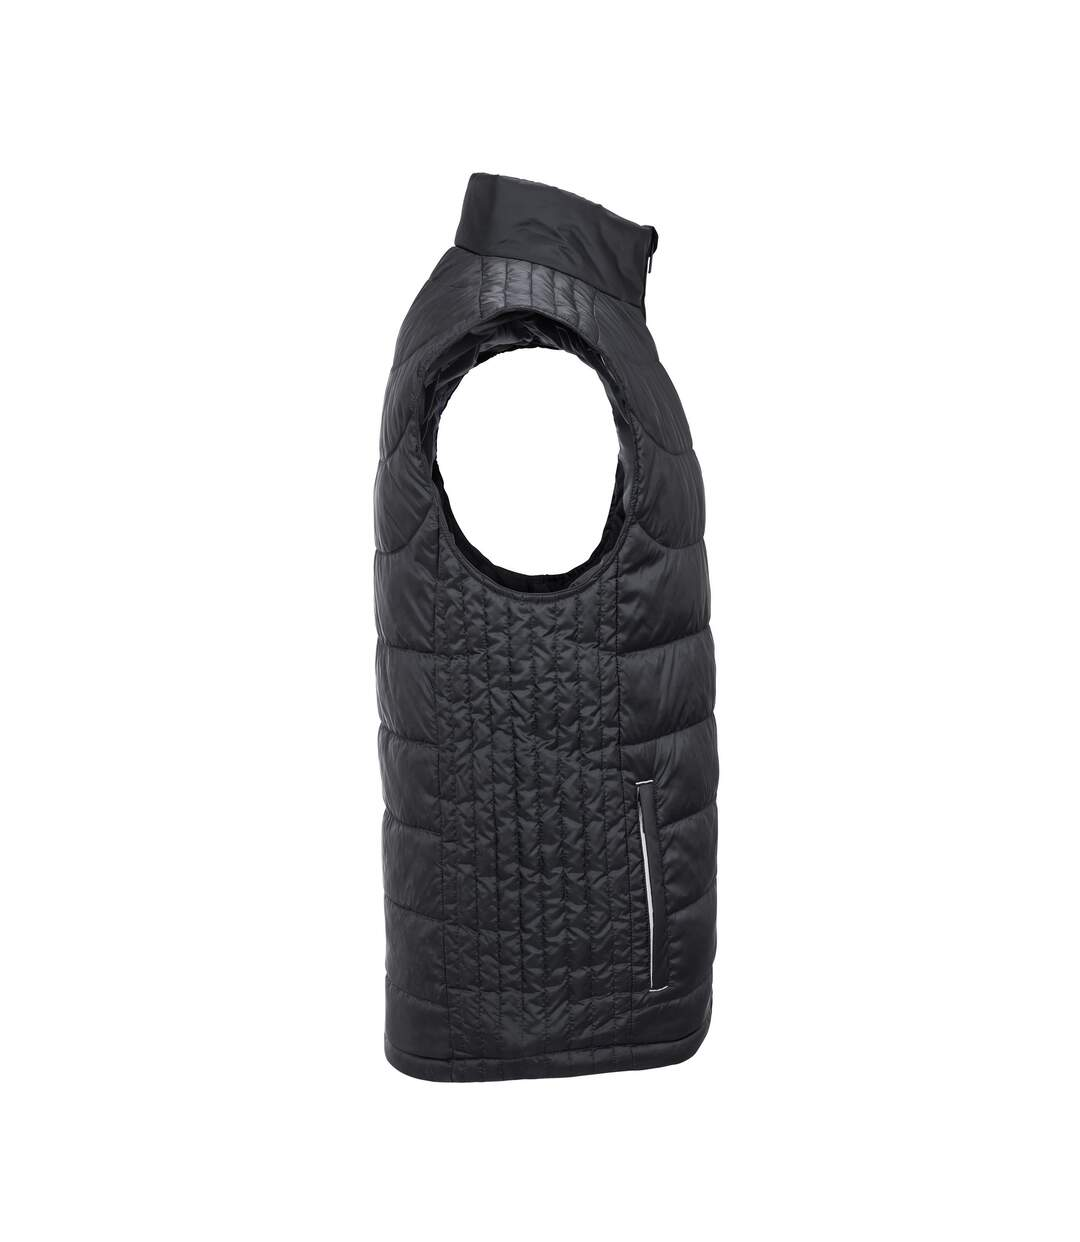 Russell Mens Nano Bodywarmer (Black) - UTRW7545